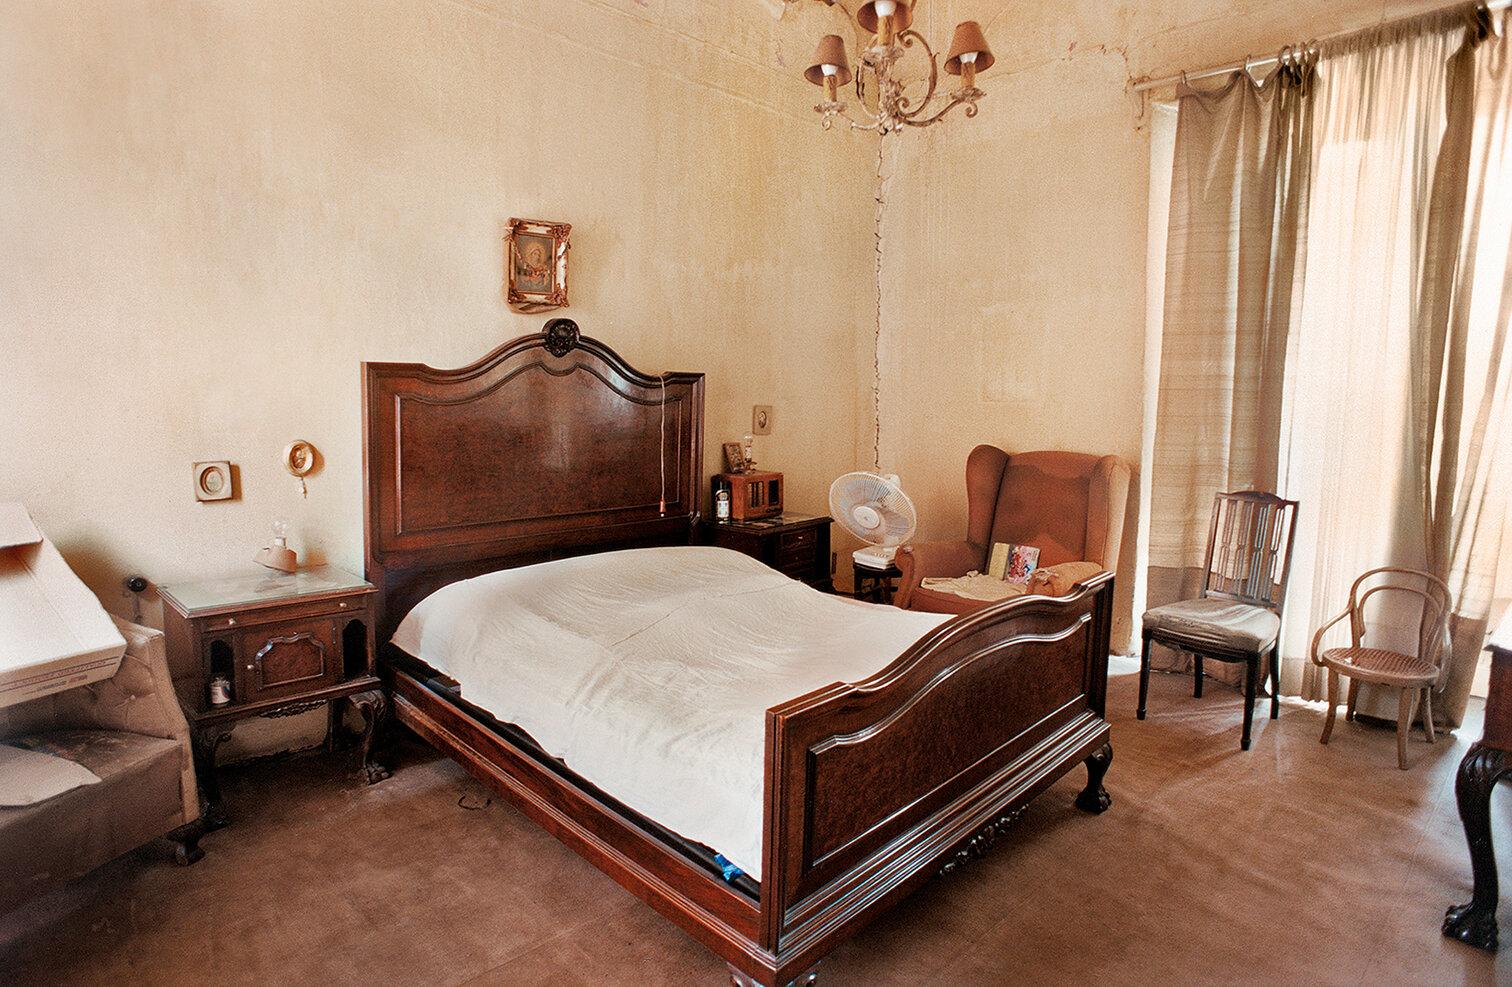 21 Dormitorio-Bedroom 2001 copia.jpg